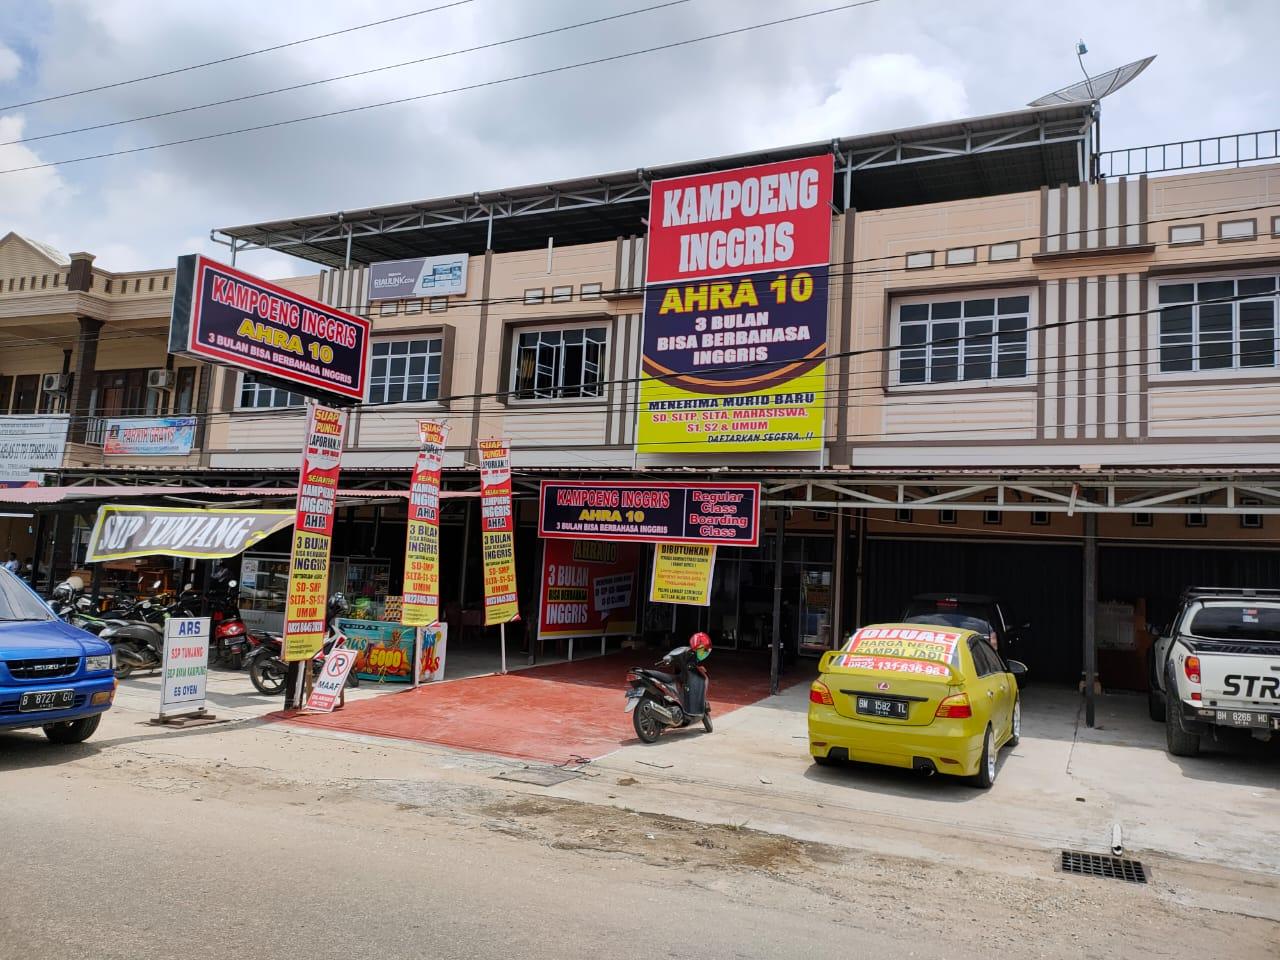 Kampung Inggris Ahra 10 di Inhil, Siap Cetak Pelajar Mahir Berbahasa Inggris